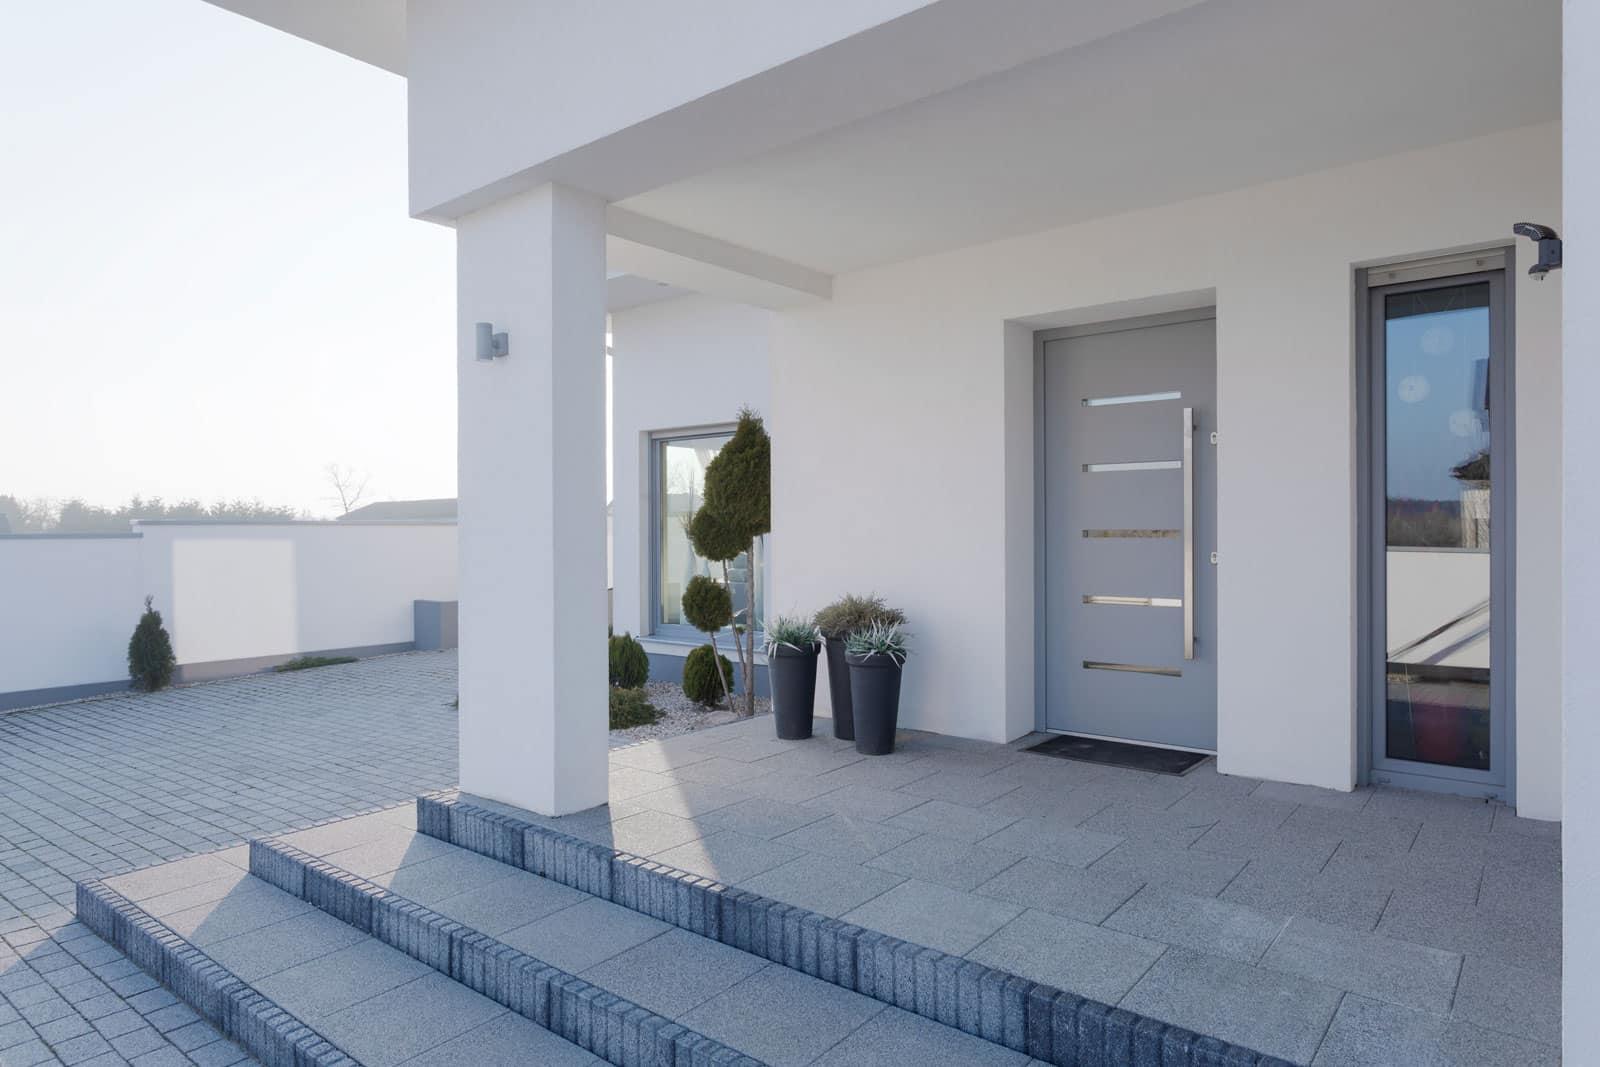 Jak wybrać bezpieczne, trwałe i niezwykle reprezentacyjne drzwi zewnętrzne? 1